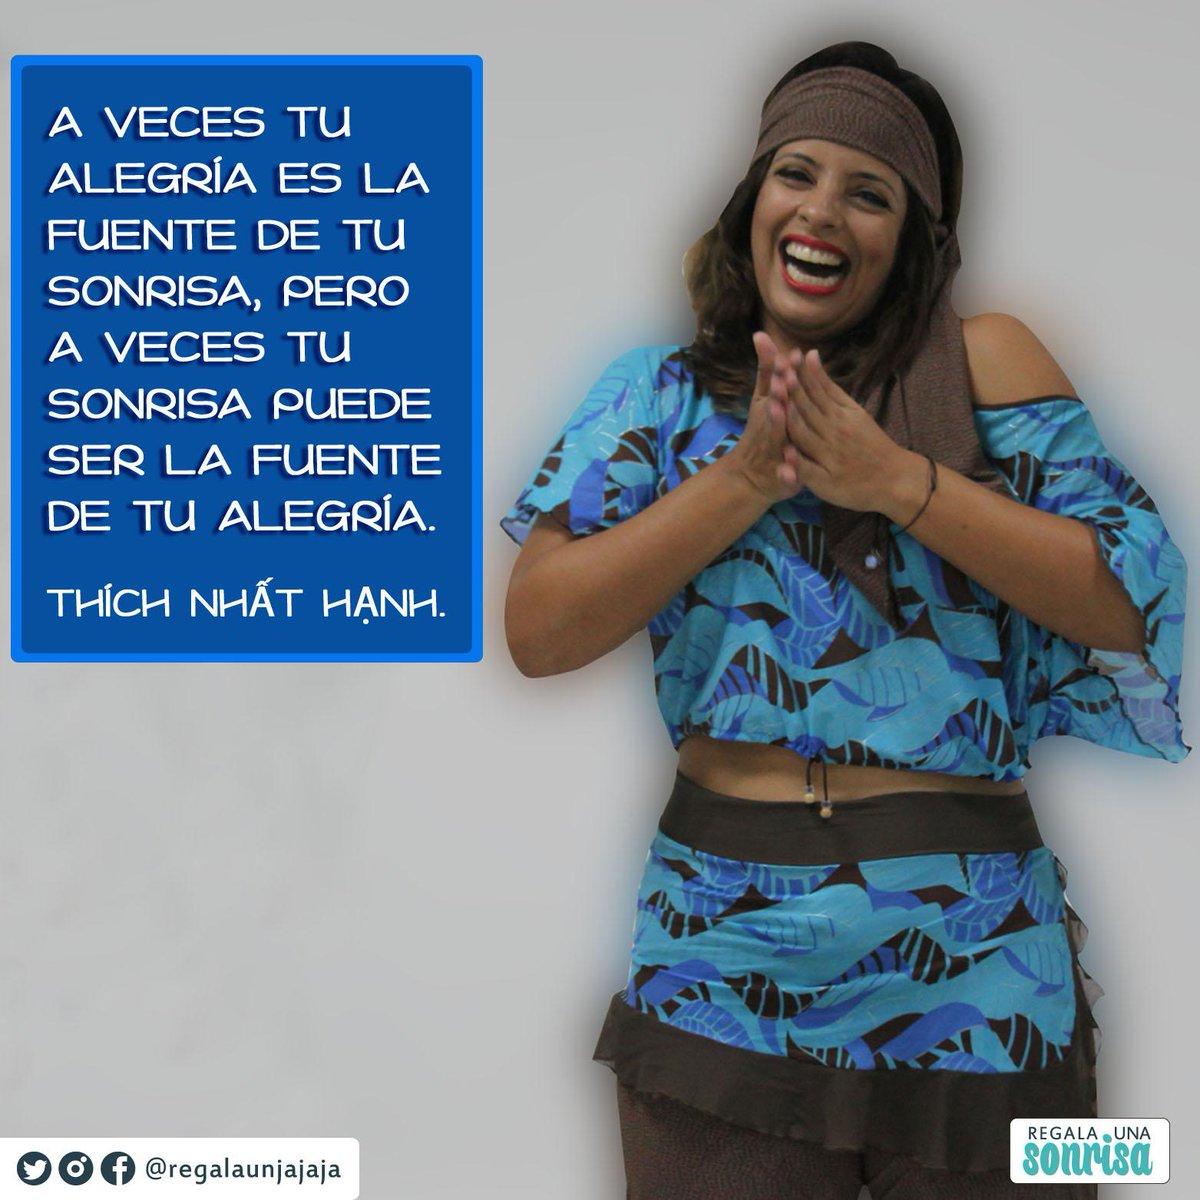 Regala Una Sonrisa On Twitter Hoy Les Dejamos Esta